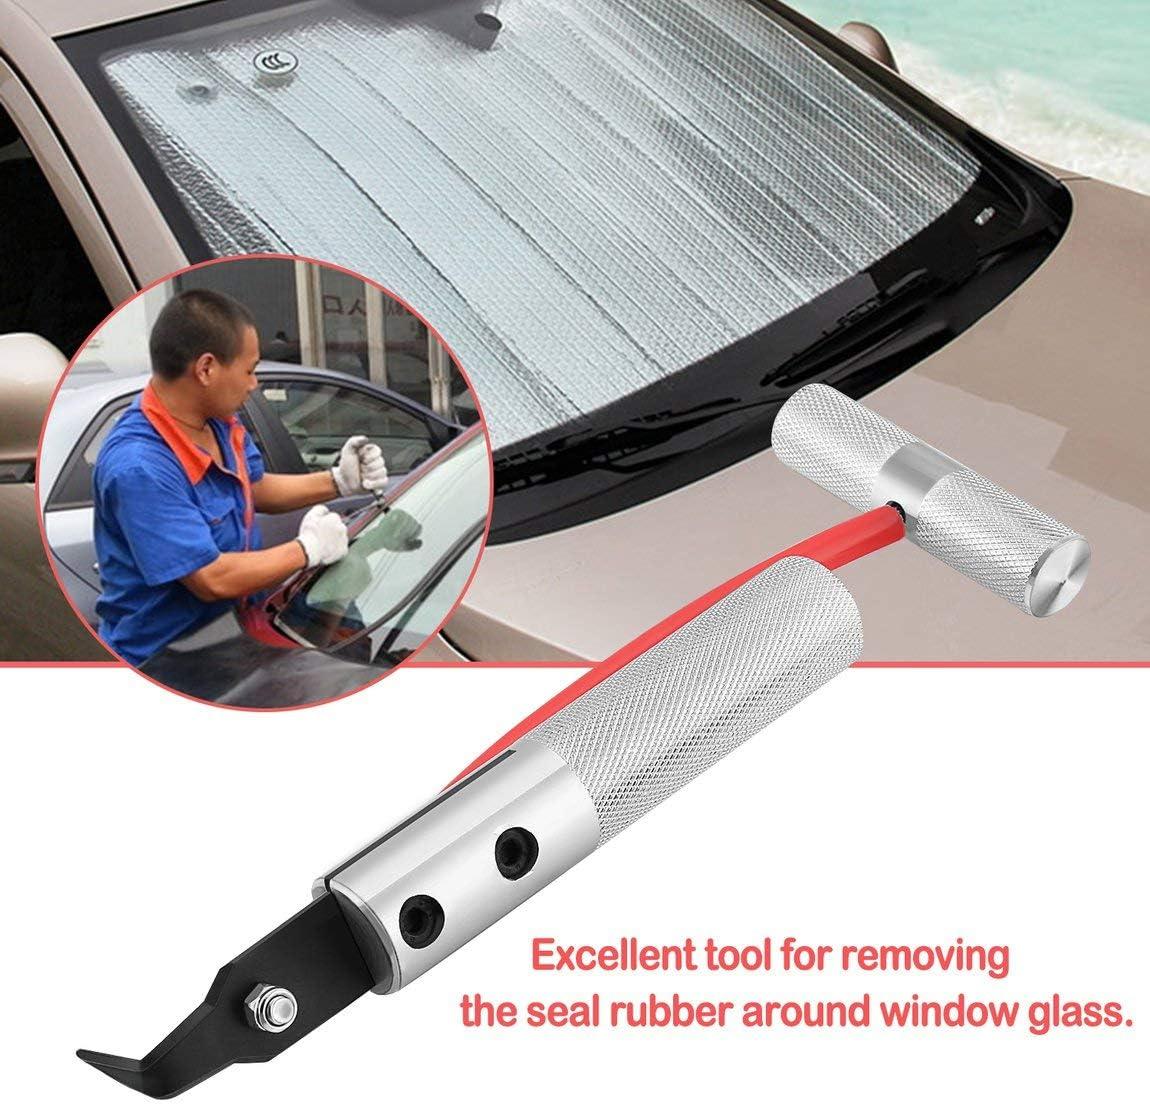 Outil de d/émontage de pare-brise de voiture Outil de nettoyage professionnel pour pare-brise